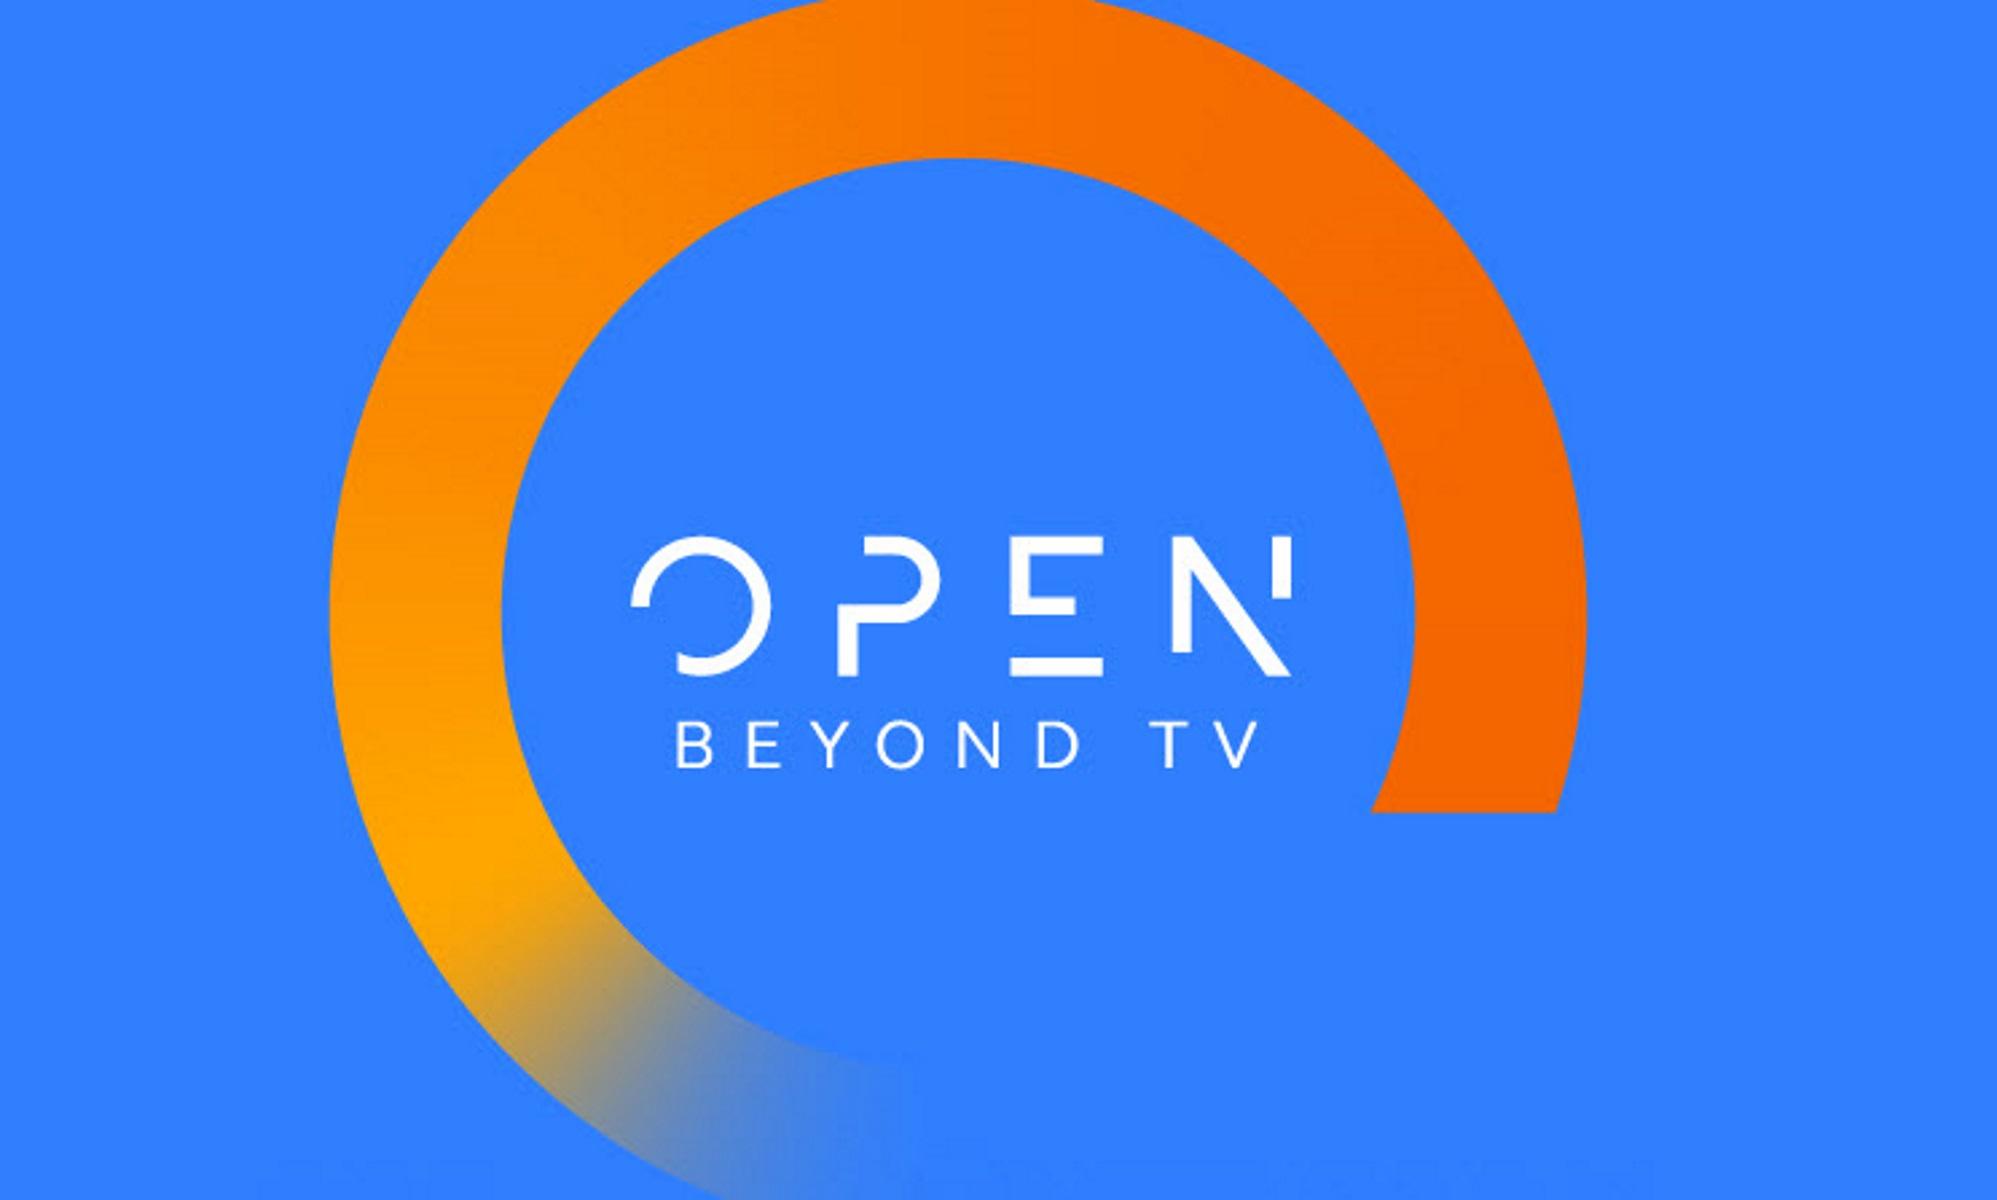 Πρόγραμμα αλλαγών στο ΟPEN – Τα σενάρια και τα σχέδια